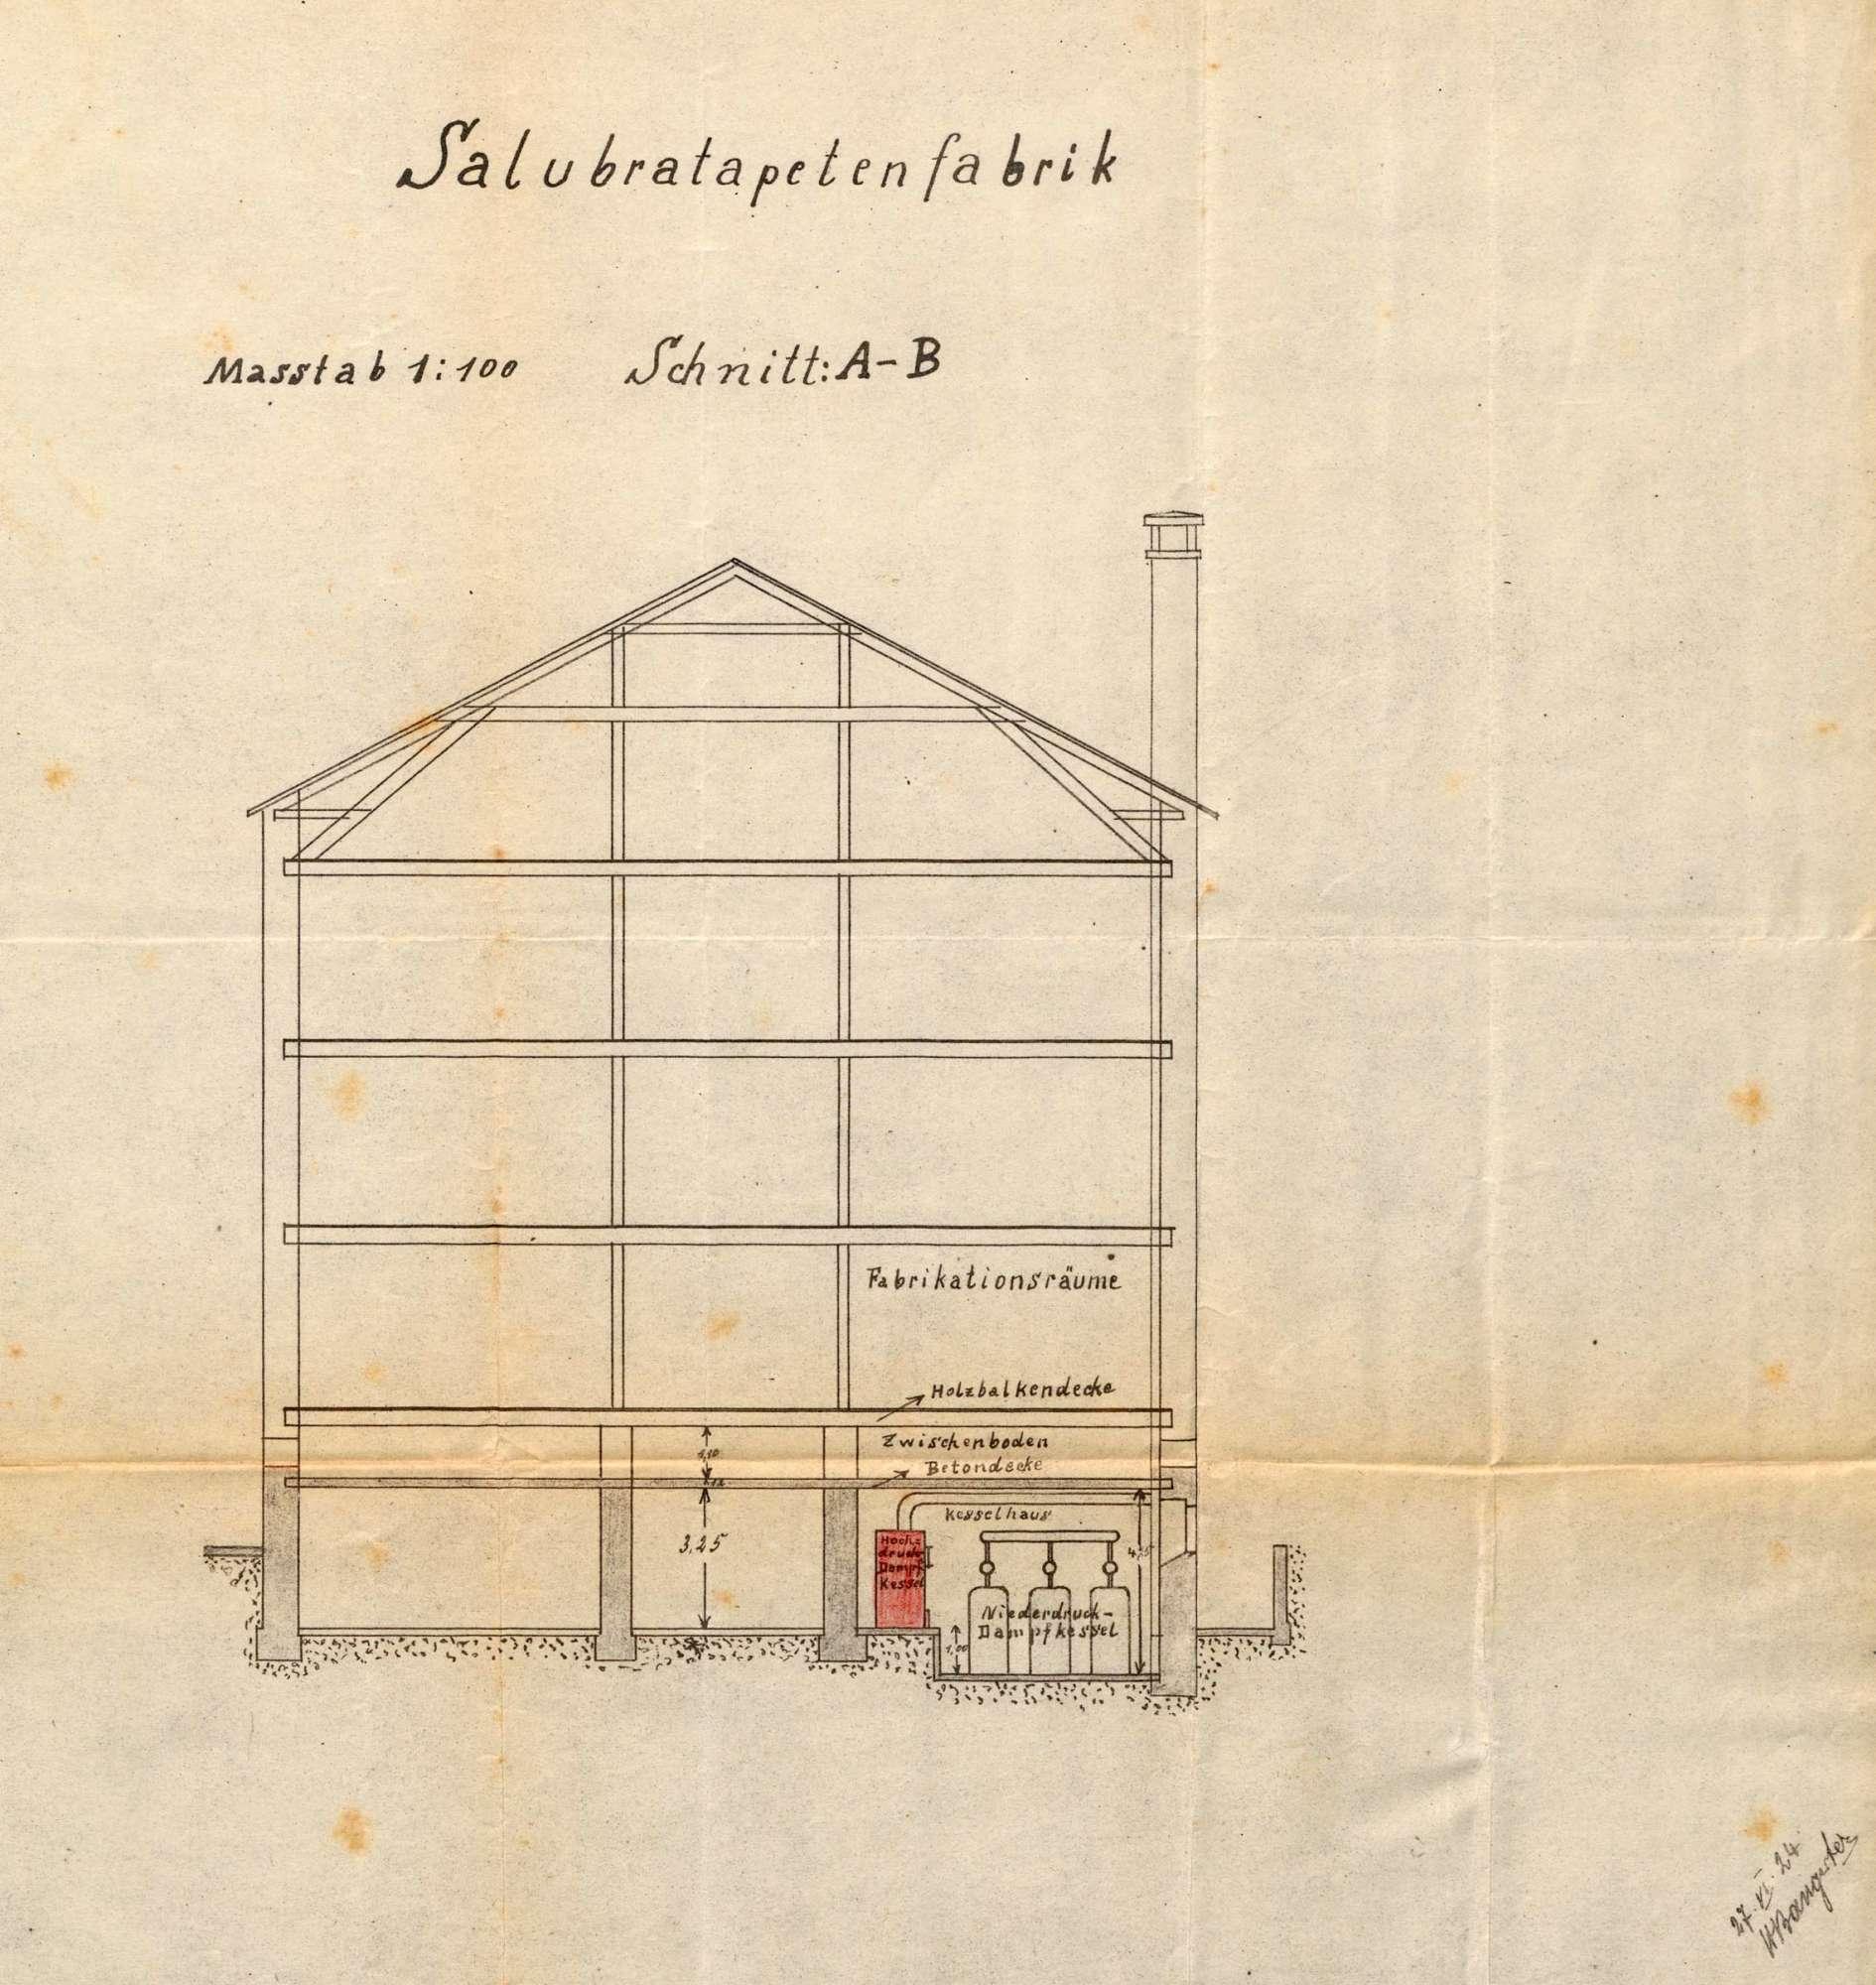 Gesuch der Salubra-Tapetenfabrik AG in Grenzach um Erlaubnis zur Anlegung eines Dampfkessels, Bild 3